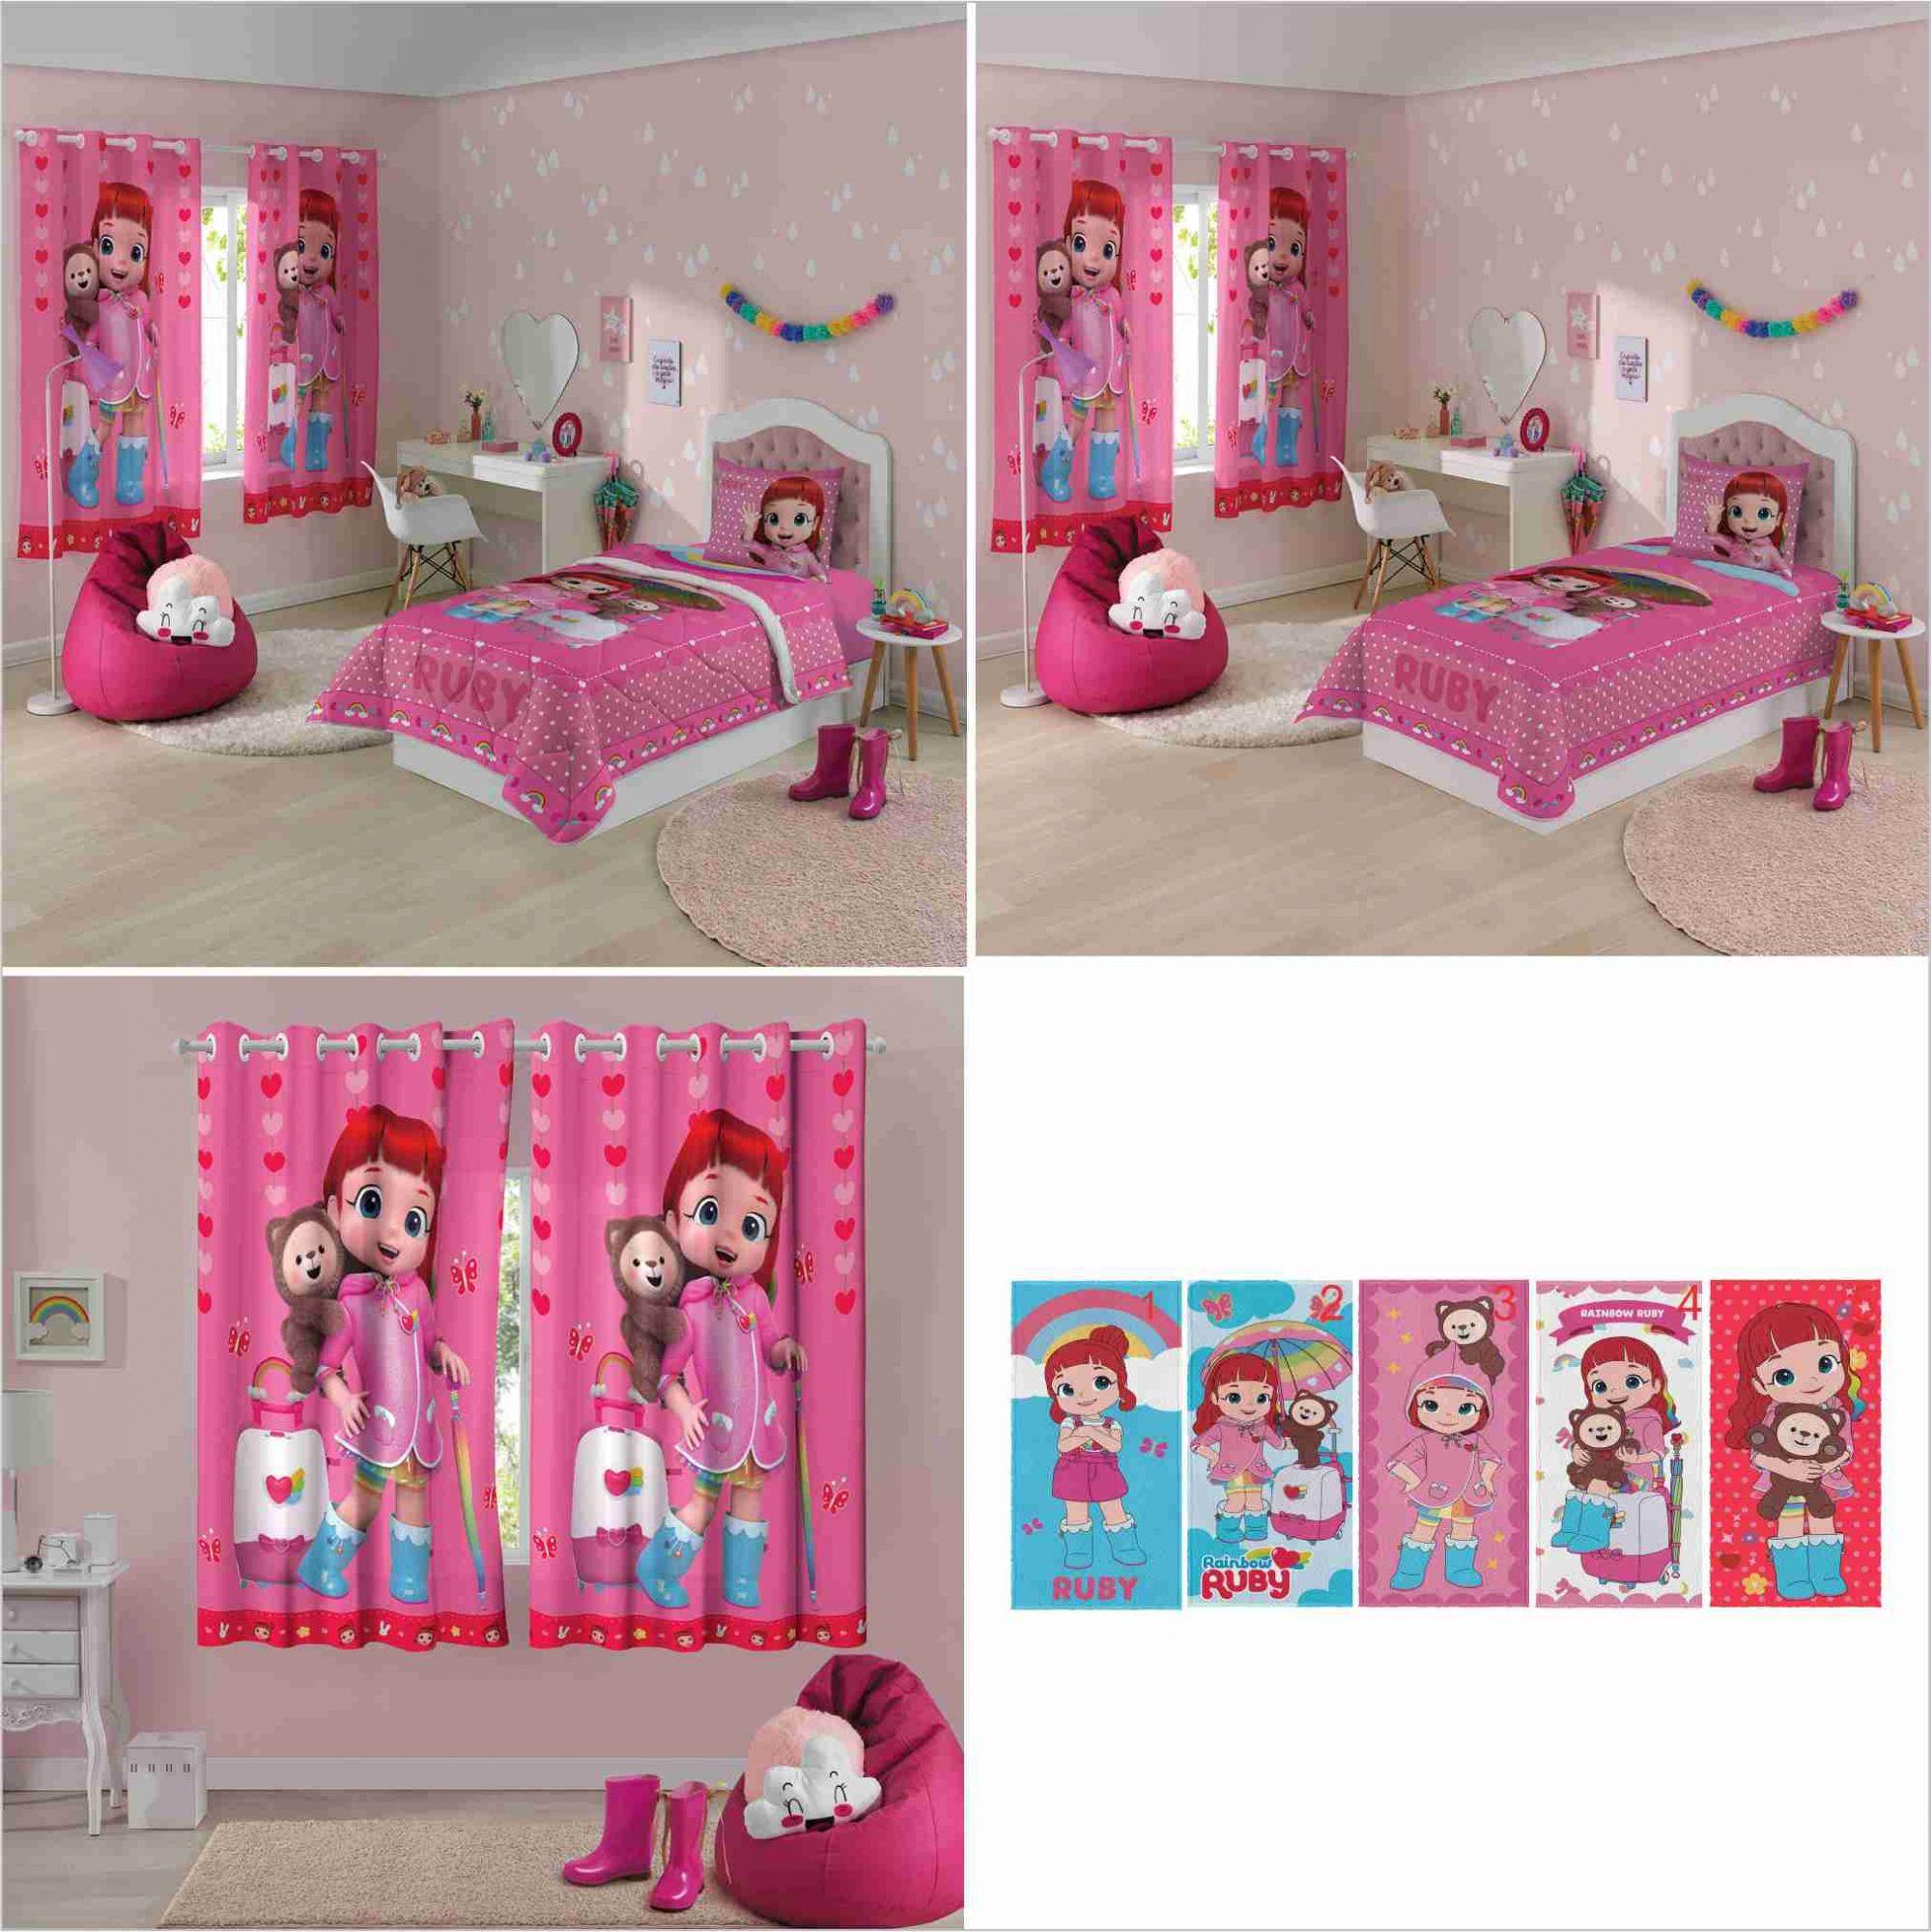 a34746e7ba Edredom+ Jogo Cama 2pçs+ Cortina+ Toalha Rainbow Ruby Lepper -  PEQUENININHOS.COM